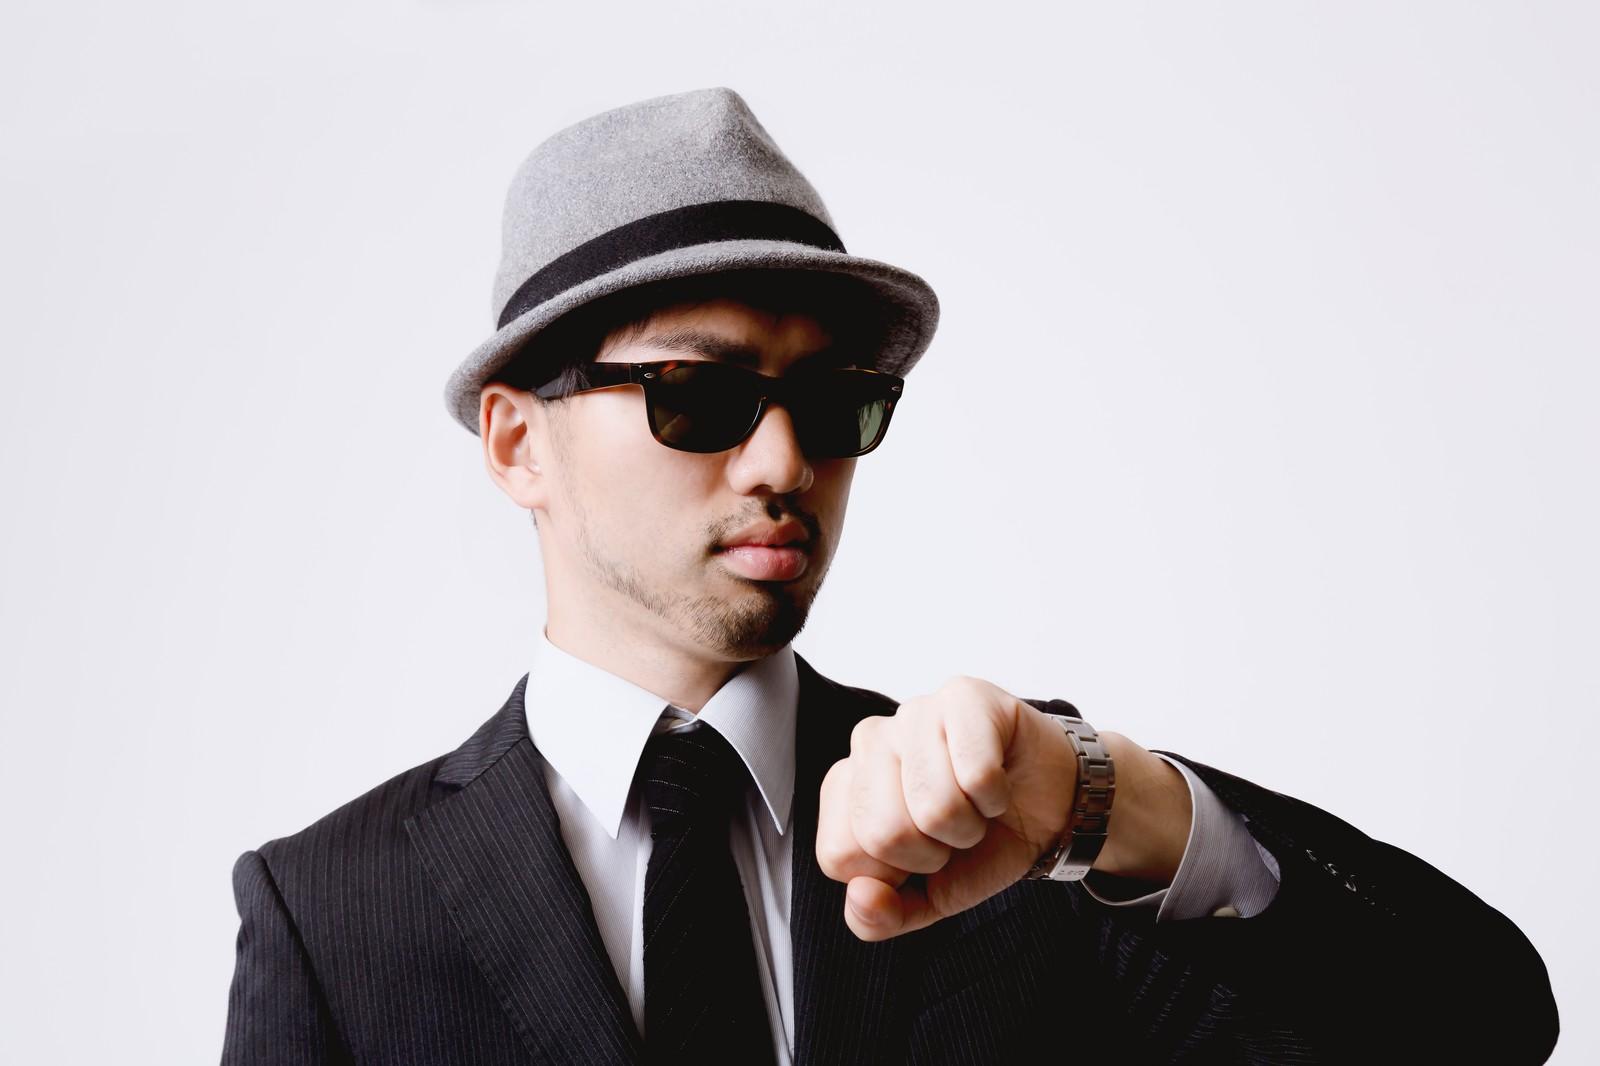 会社員が働きながら資格を取るために捨てる勇気を持つ【資格を取る】